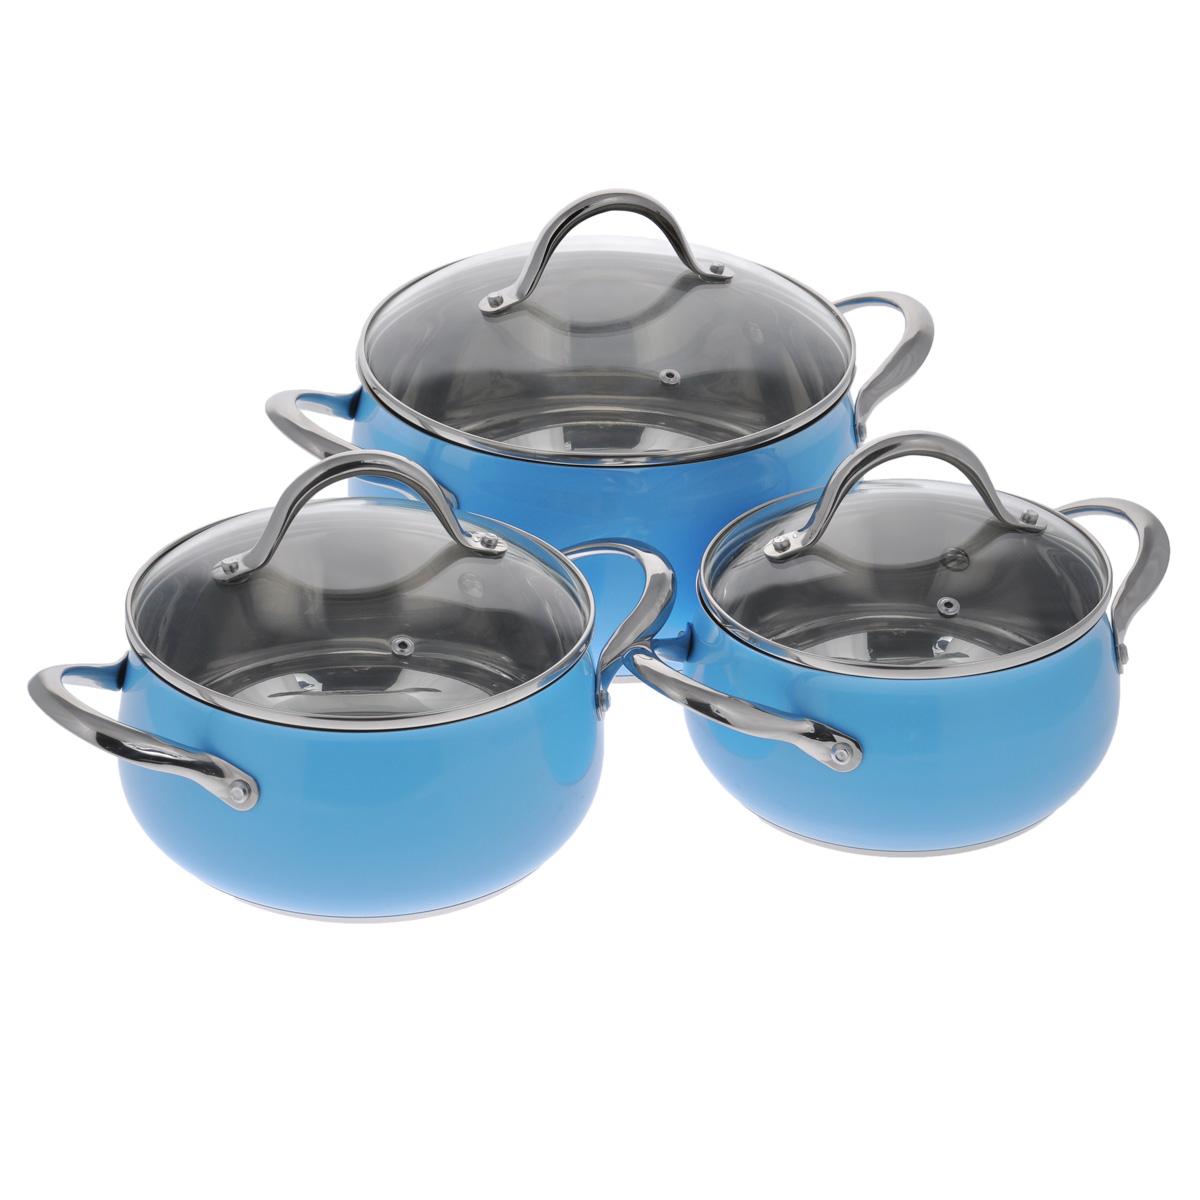 Набор посуды Winner, цвет: голубой, 6 предметов. WR-1103WR-1103В набор посуды Winner входят 3 кастрюли с крышками. Вся посуда выполнена из высококачественной нержавеющей стали 18/10, а идеально ровная внутренняя поверхность значительно облегчает мытье. Энергосберегающее, капсулированное дно быстро и равномерно распределяет тепло. Цветной корпус придает набору особо эстетичный внешний вид. Предметы набора оснащены двумя удобными ручками из нержавеющей стали. Крышки, выполненные из термостойкого стекла с ободком из нержавеющей стали и пароотводом, позволят вам следить за процессом приготовления пищи. Крышки плотно прилегают к краям посуды, предотвращая проливание жидкости и сохраняя аромат блюд.Подходит для газовых, электрических, стеклокерамических и индукционных плит. Можно мыть в посудомоечной машине.Набор посуды Winner - идеальный подарок для современных хозяек, которые следят за своим здоровьем и здоровьем своей семьи. Эргономичный дизайн и функциональность набора позволят вам наслаждаться процессом приготовления любимых, полезных для здоровья блюд. Объем кастрюль: 2,5 л; 3,2 л; 5,6 л. Внешний диаметр: 19 см; 21 см; 25 см. Внутренний диаметр: 18 см; 20 см; 24 см. Ширина кастрюль с учетом ручек: 29 см; 31 см; 35,5 см.Диаметр крышек: 18,5 см; 20,5 см; 24,5 см.Высота стенок: 10,1 см; 10,8 см; 12,9 см.Толщина стенки: 0,7 мм.Толщина дна: 4 мм.Диаметр дна: 16,5 см; 18 см; 22,5 см.